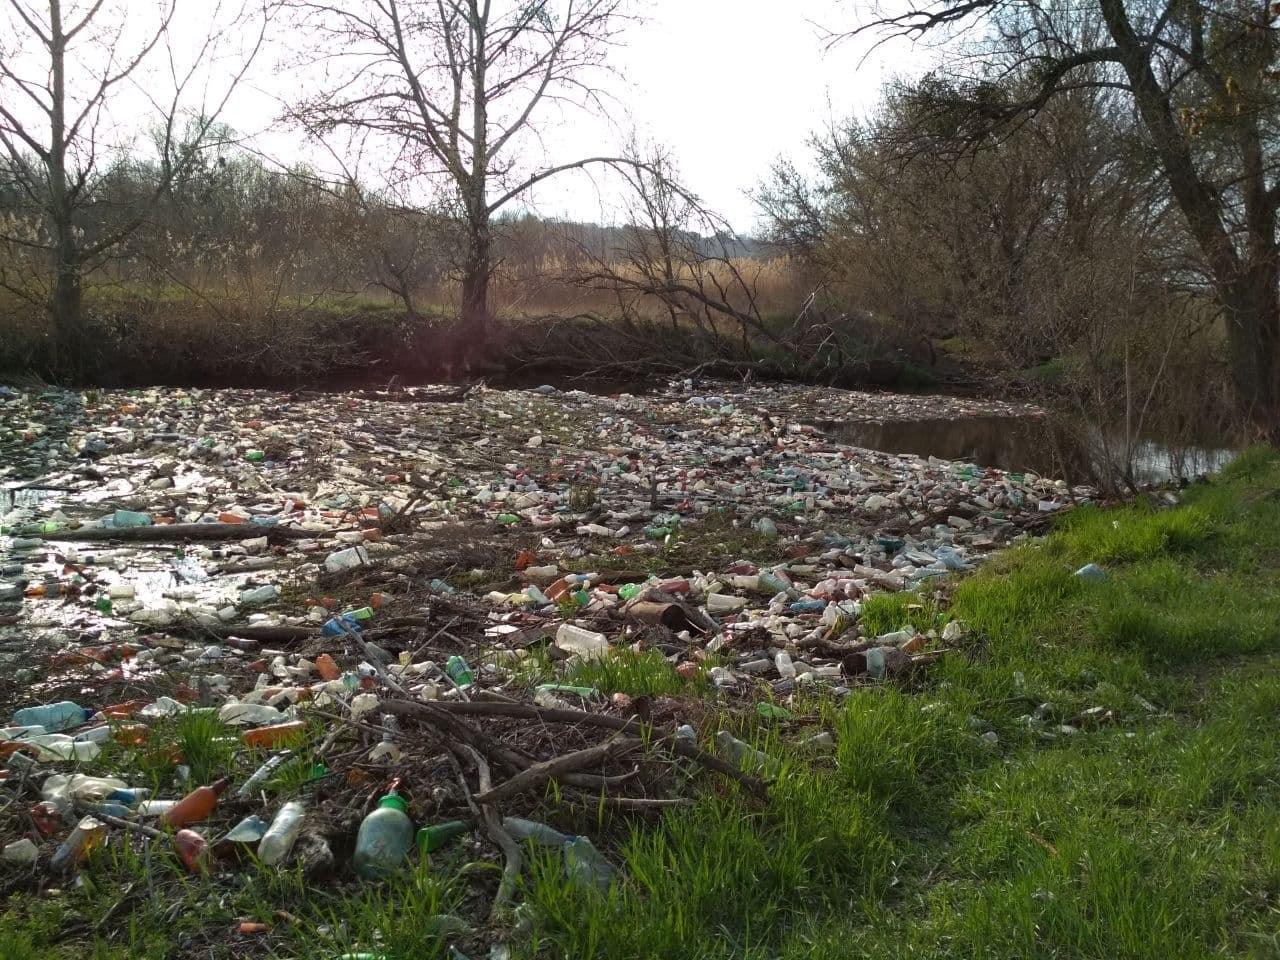 Началась общественная расчистка острова из пластика под Харьковом (обновляется)